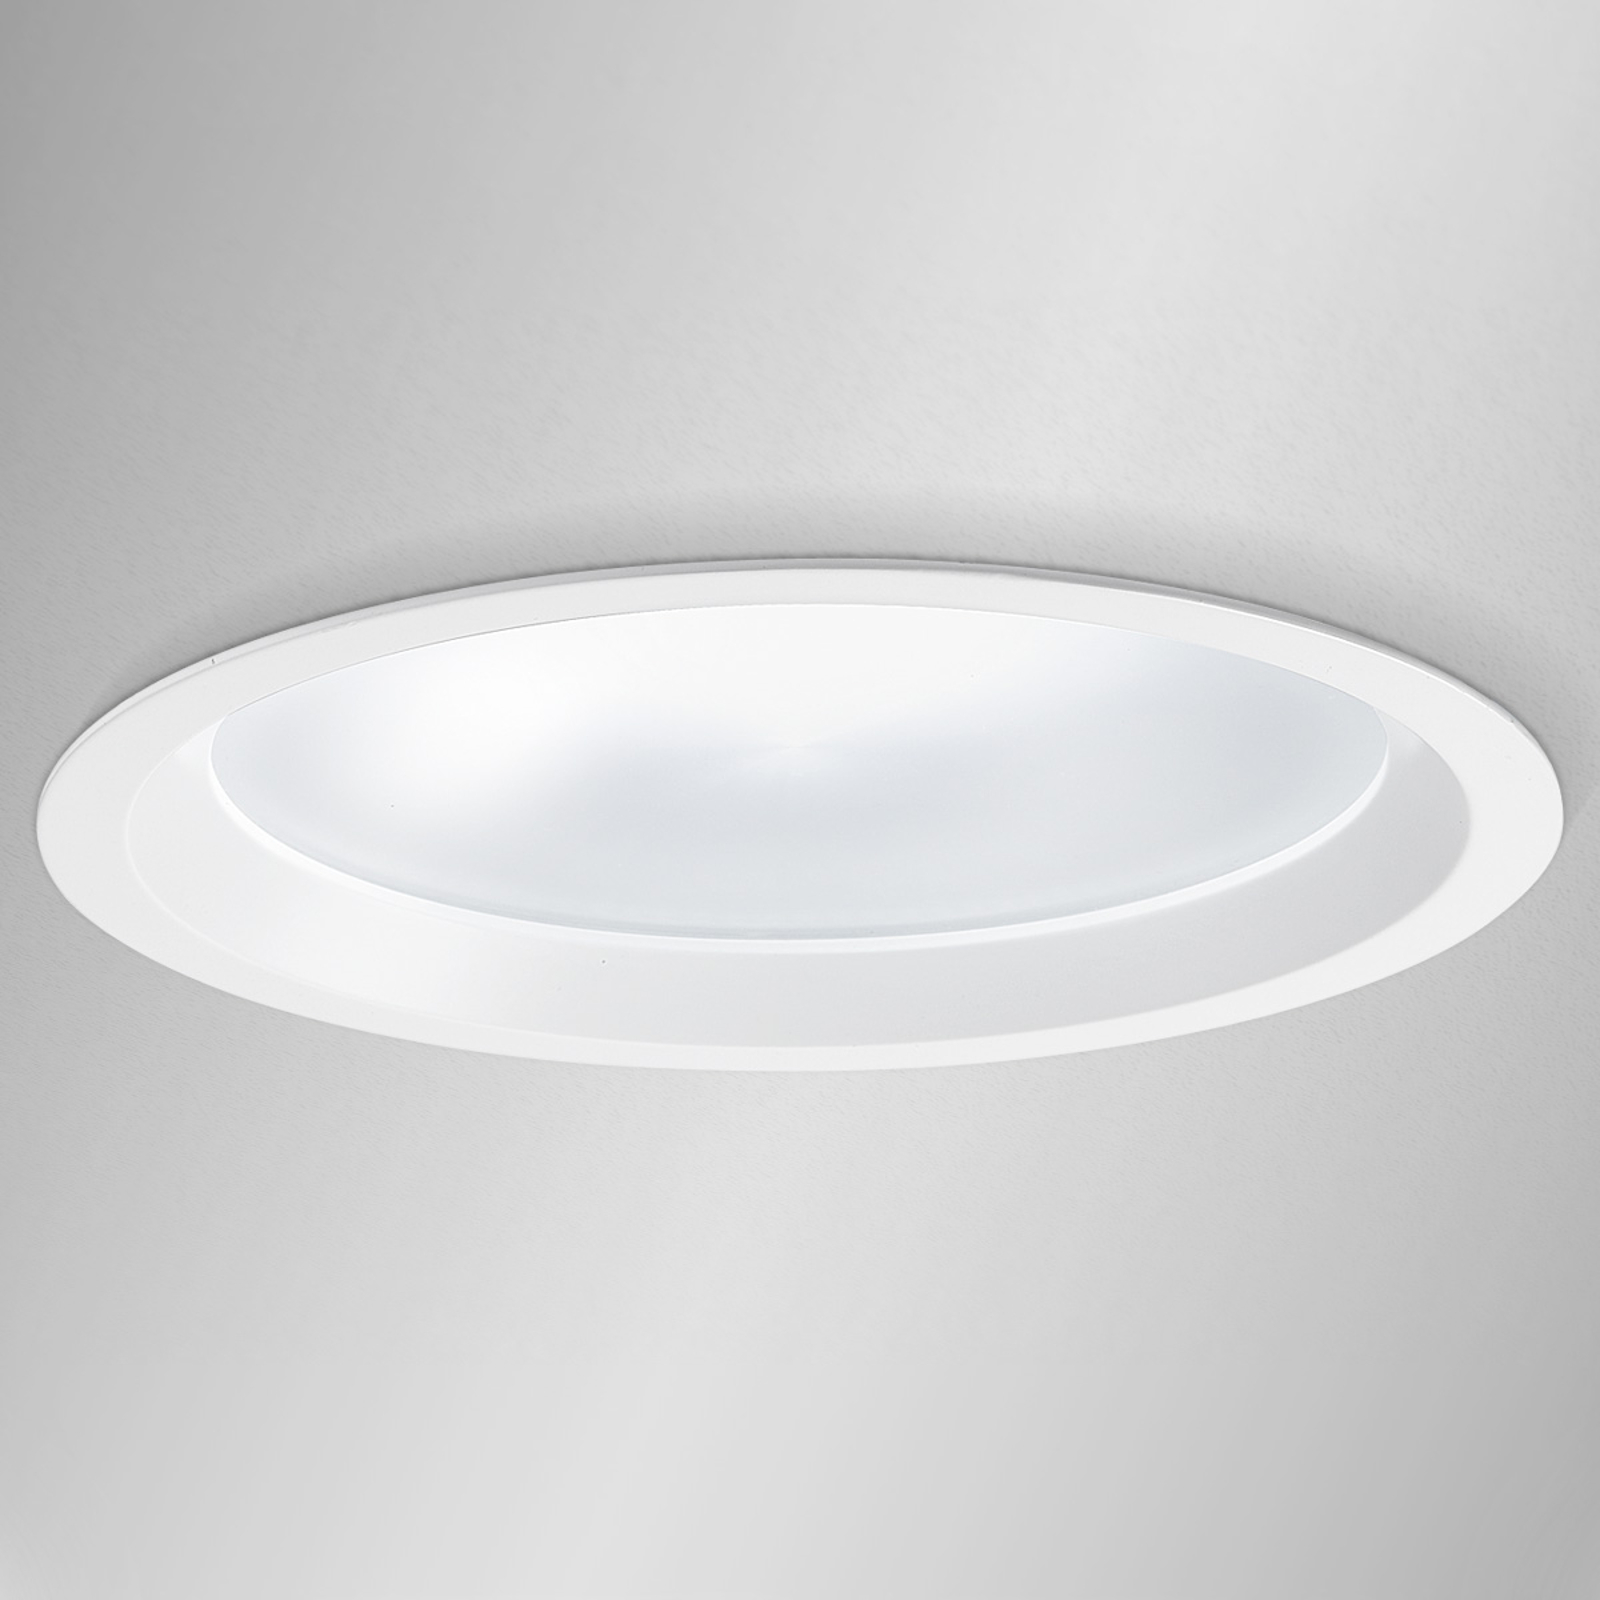 23 cm doorsnede - LED-inbouwdownlight Strato 230